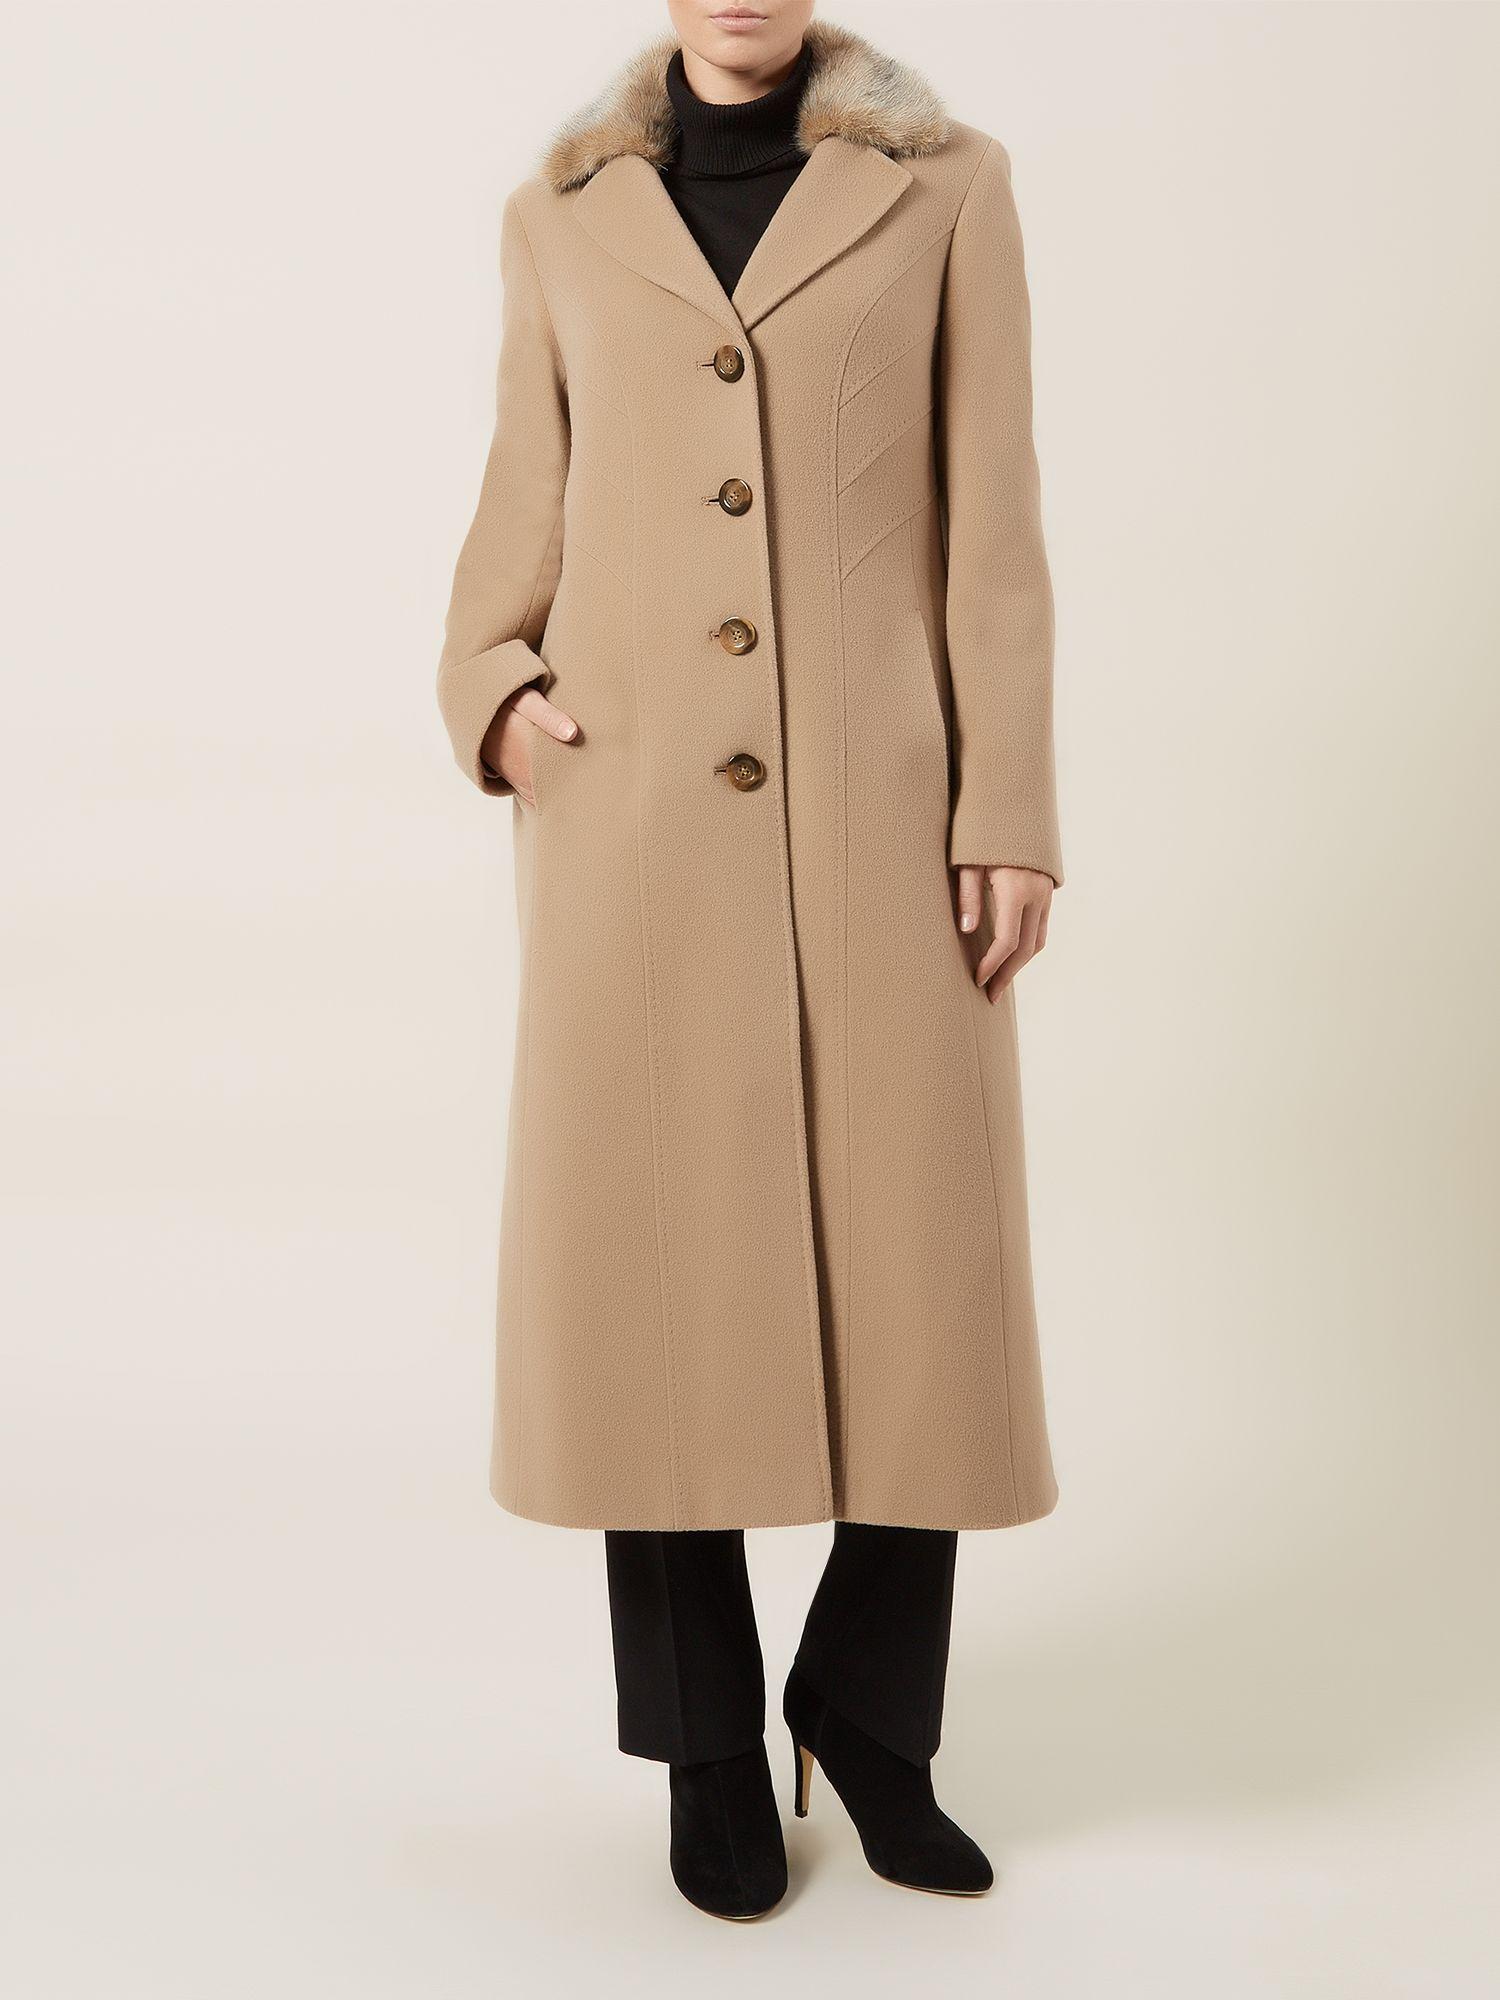 Lyst Precis Petite Long Camel Wool Coat In Natural